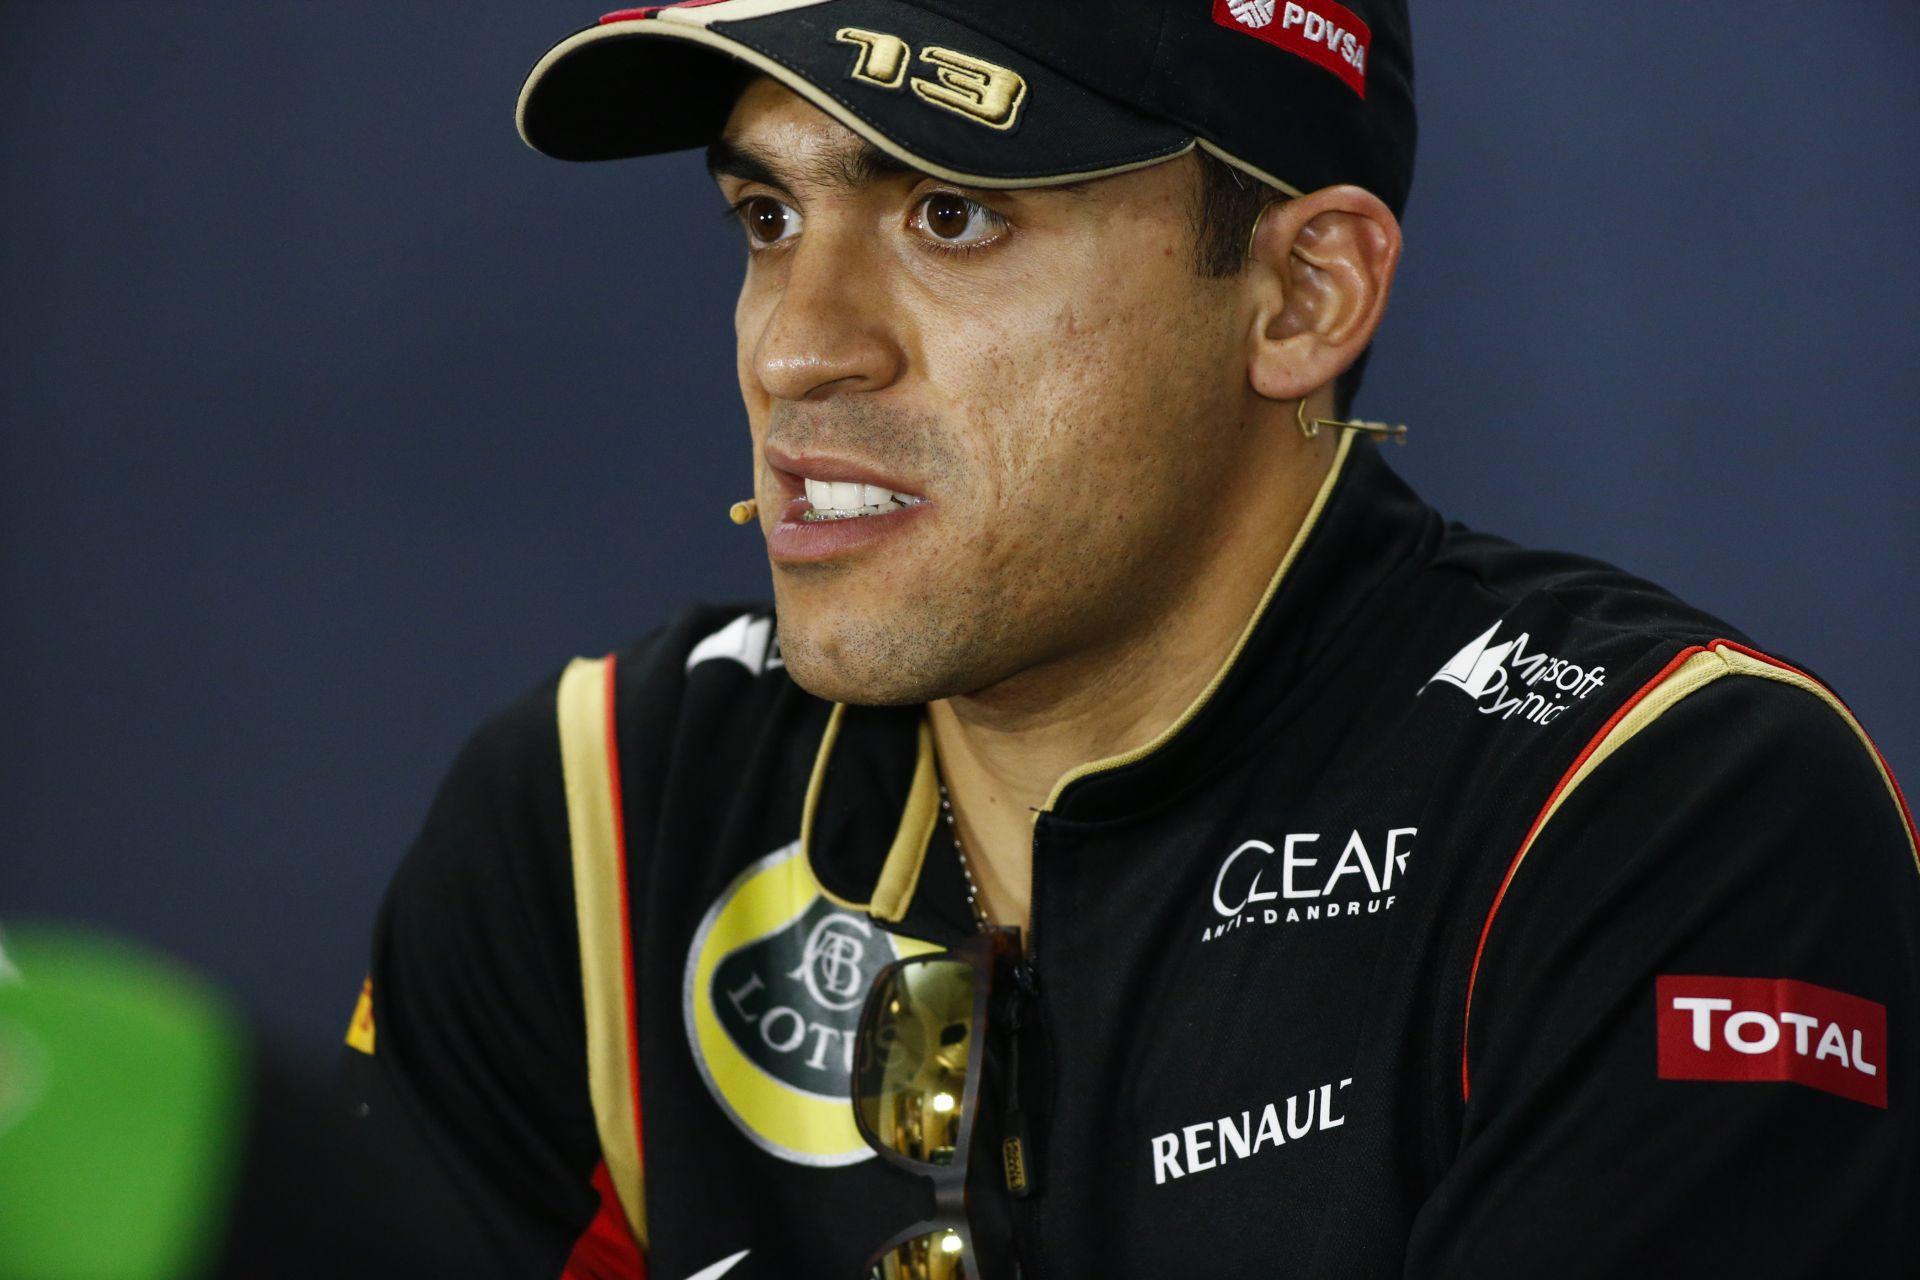 Maldonado a balesetről: Még csak nem is nyomtam neki igazán...